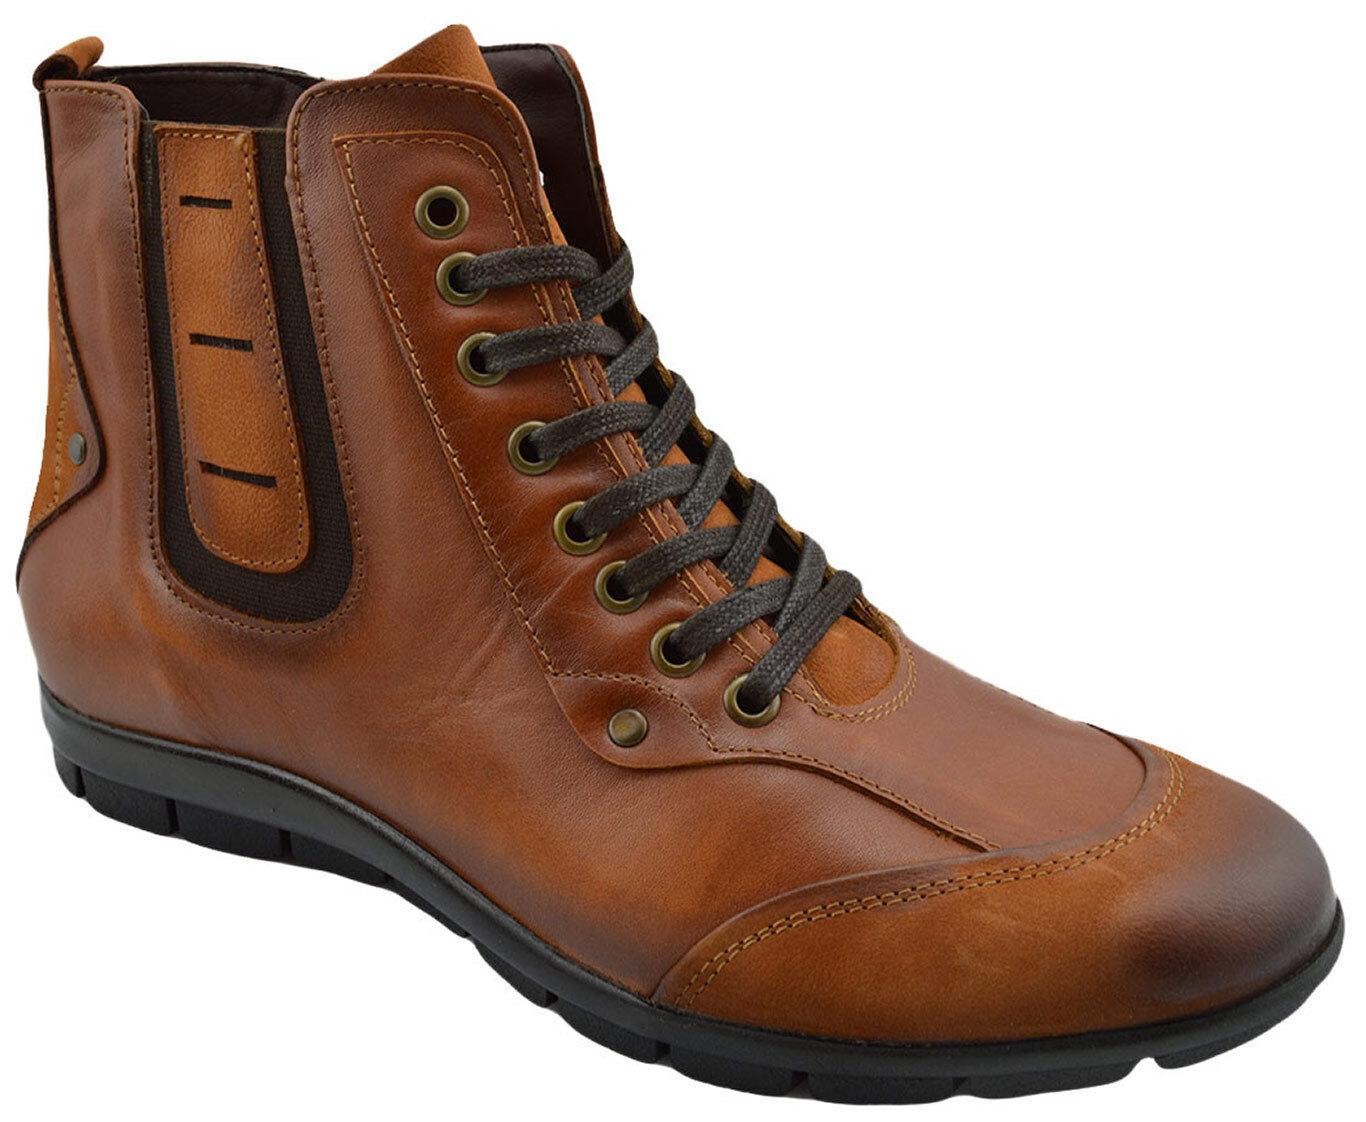 230 OVATTO Marroneee Tabac Calf Leather Ankle stivali stivali stivali Men scarpe NEW COLLECTION 5d7adb